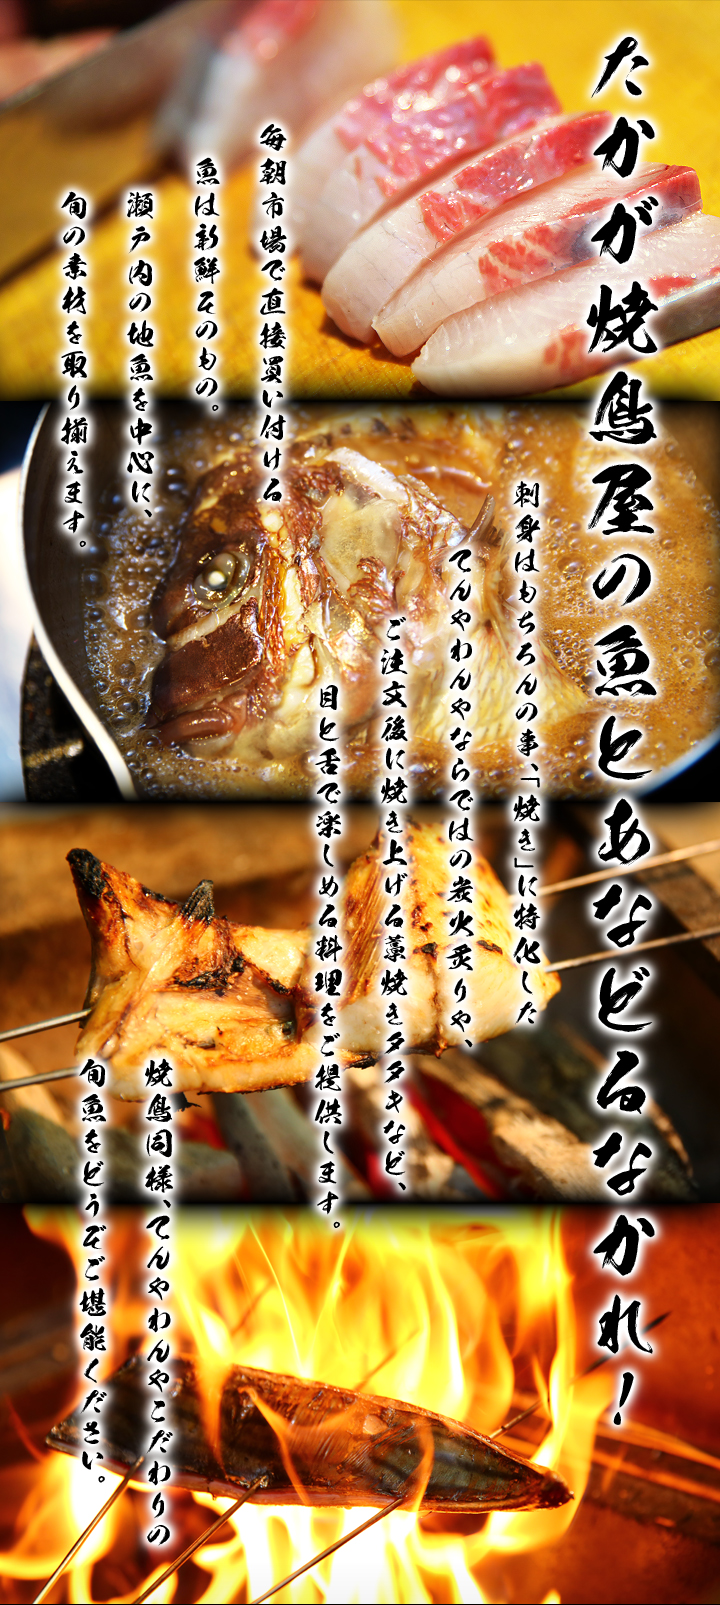 たかが焼鳥屋の魚とあなどるなかれ!毎朝市場で直接買い付ける魚は新鮮そのもの。瀬戸内の地魚を中心に、旬の素材を取り揃えます。刺身はもちろんの事、「焼き」に特化したてんやわんやならではの炭火炙りや、ご注文後に焼き上げる藁焼きタタキなど、目と舌で楽しめる料理をご提供します。焼鳥同様、てんやわんやこだわりの旬魚をどうぞご堪能ください。